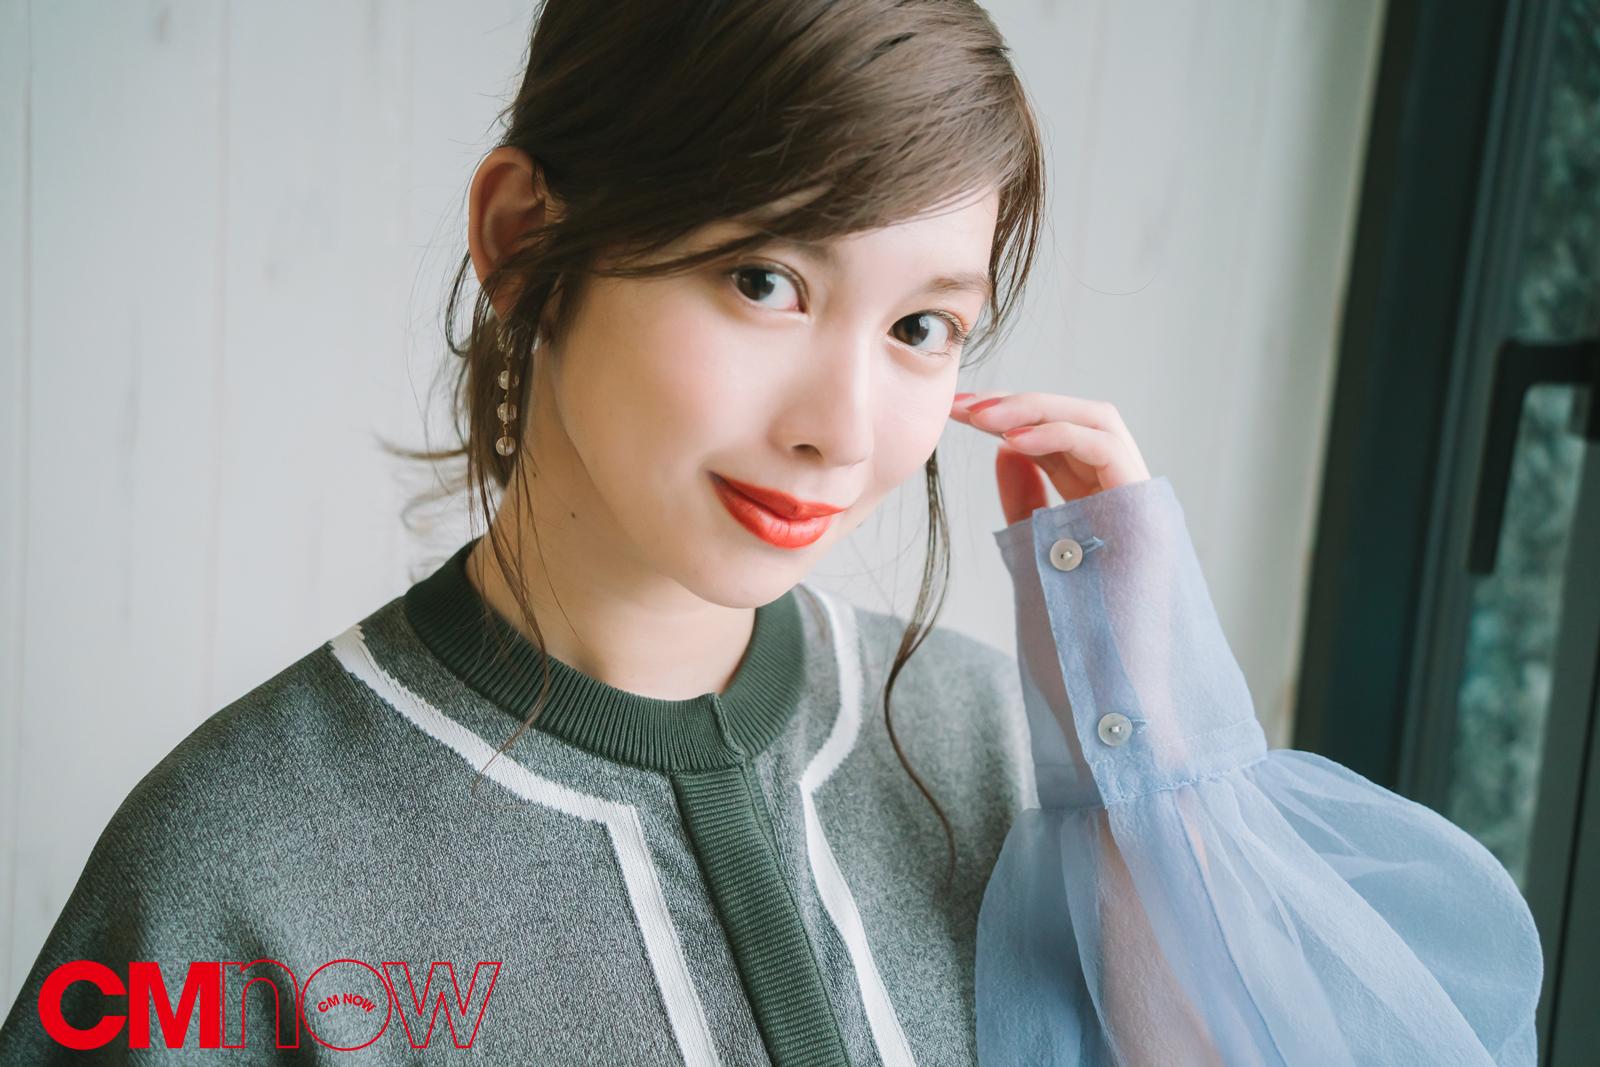 「恋する母たち」出演の結城モエ、慶應ミスキャンから女優へ 素顔に迫るインタビュー